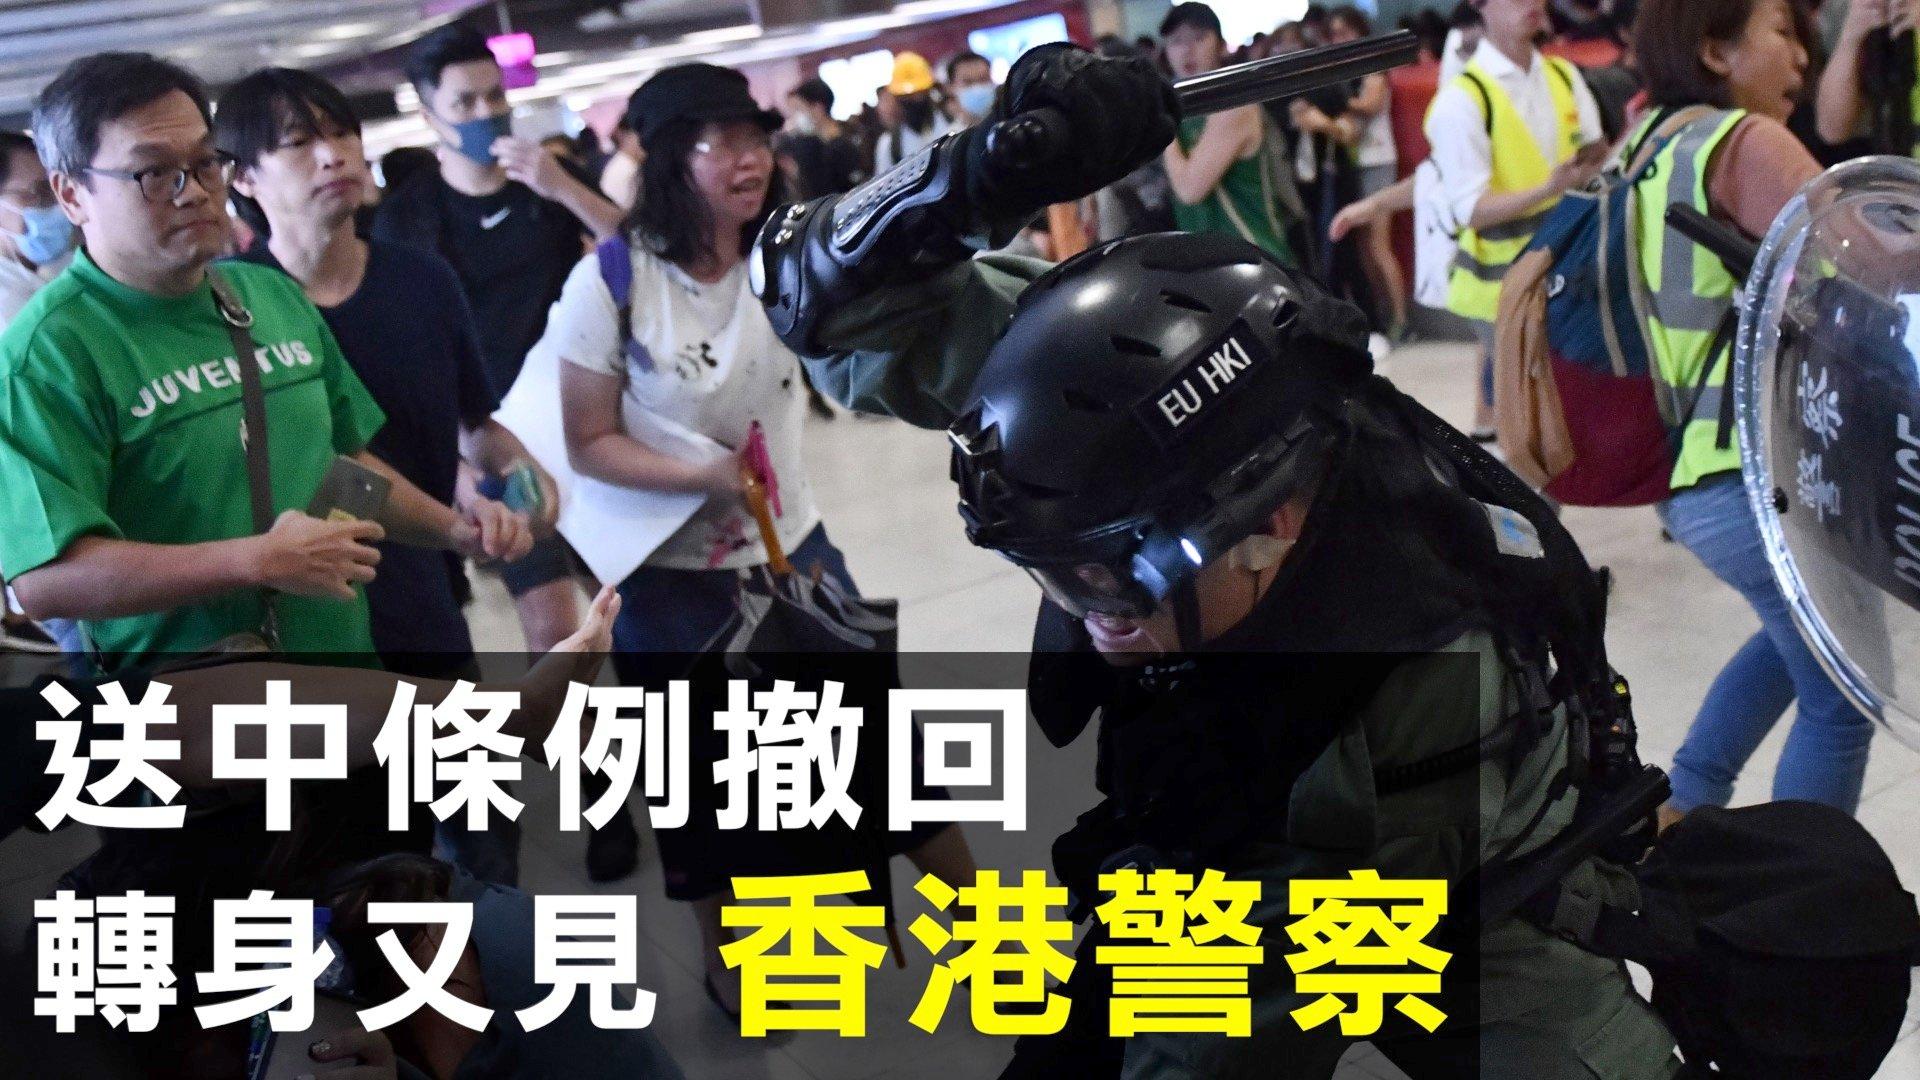 在反送中滿三個月之際,也正值林鄭撤回送中條例後,香港市民對於反對警察暴力的呼聲越來越高,《新聞拍案驚奇》對香港警察暴力做一個專門的報道。(大紀元合成圖)